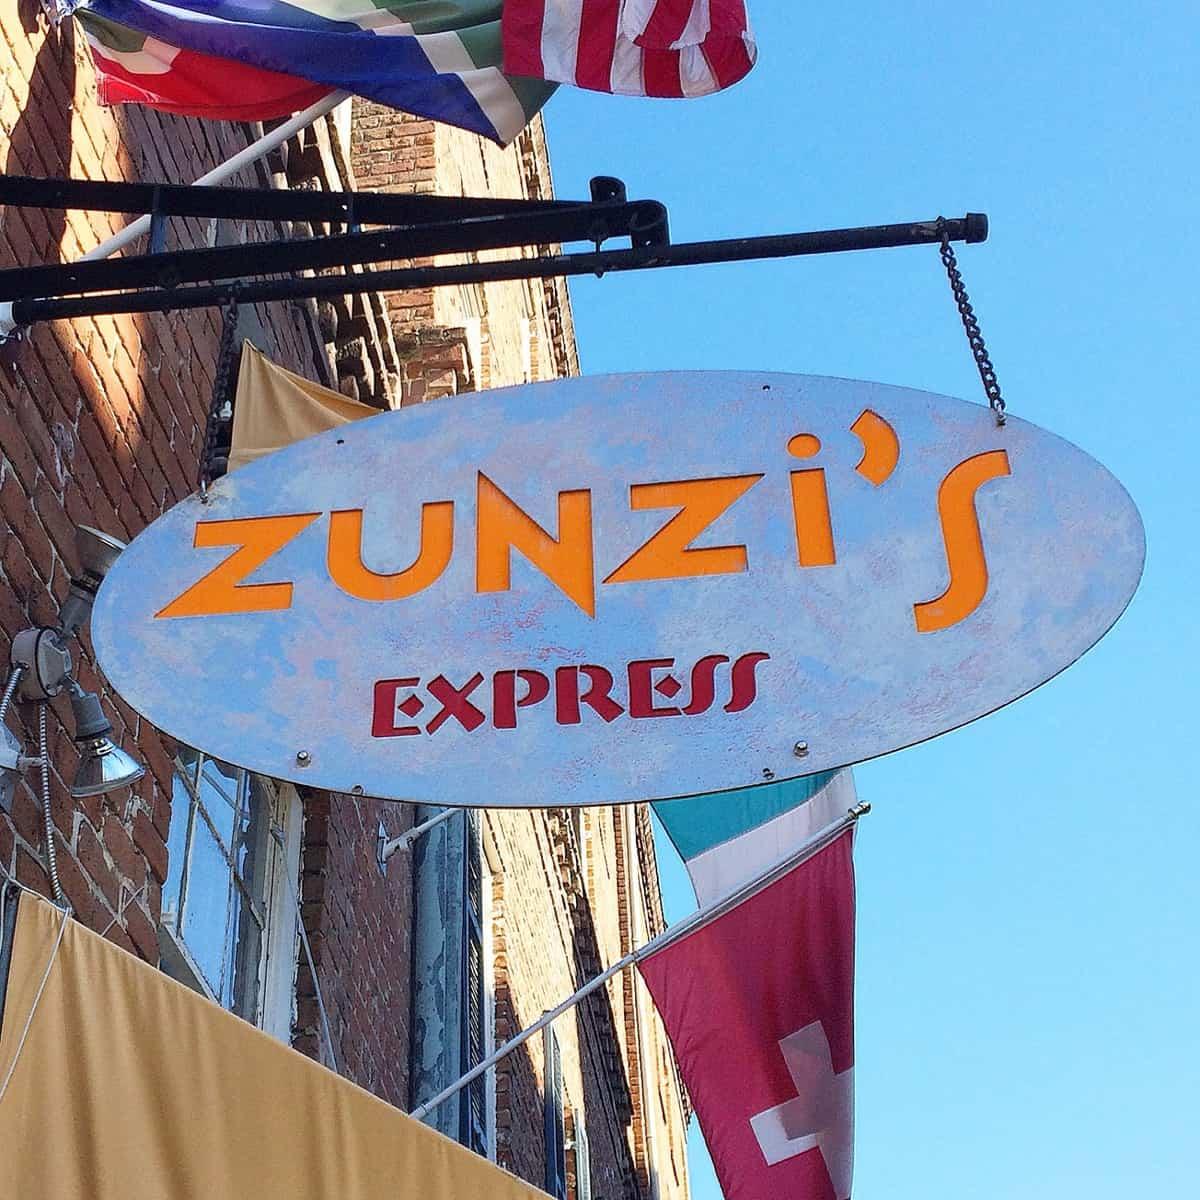 Zunzi's, Savannah, GA